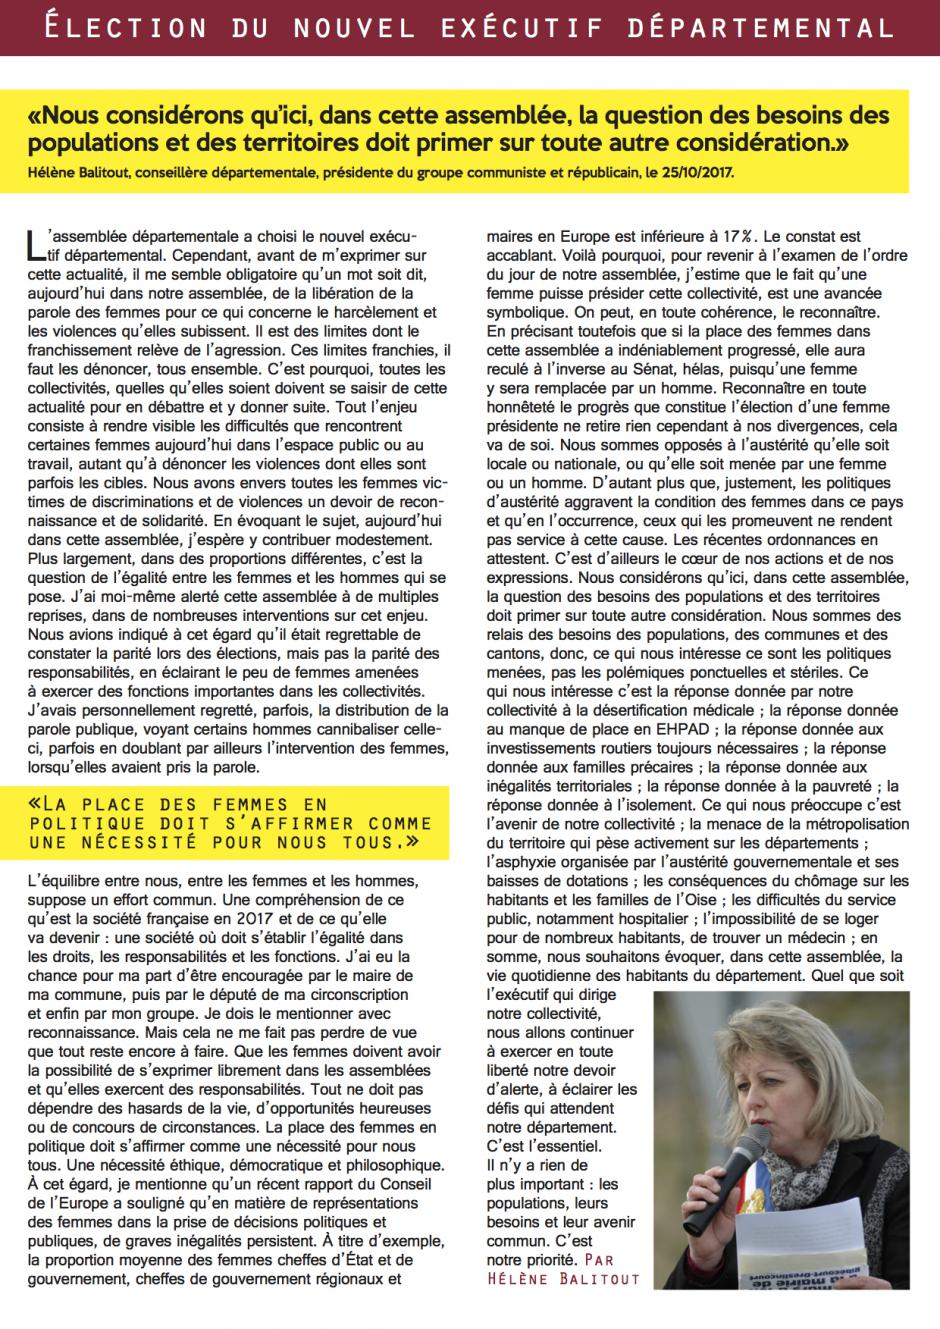 Expression du groupe Communiste & Républicain « Élection du nouvel exécutif départemental » - Conseil départemental de l'Oise, 25 octobre 2017